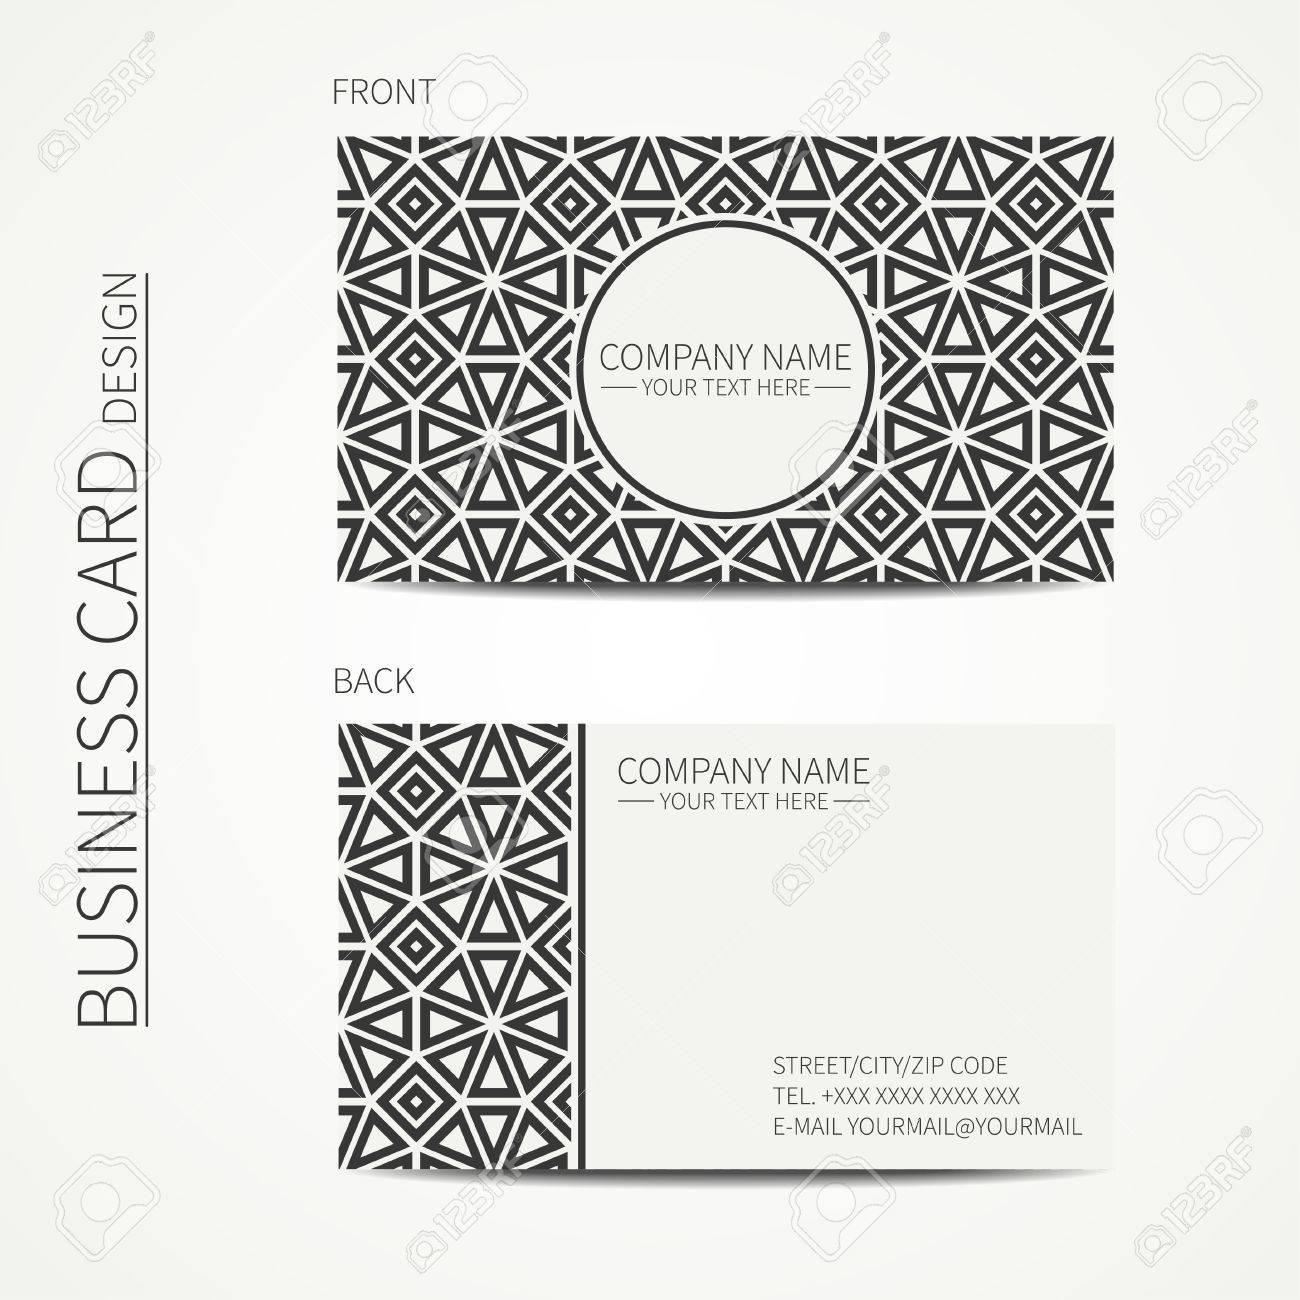 Vecteur Simple Carte De Visite Design Modele Noir Et Blanc